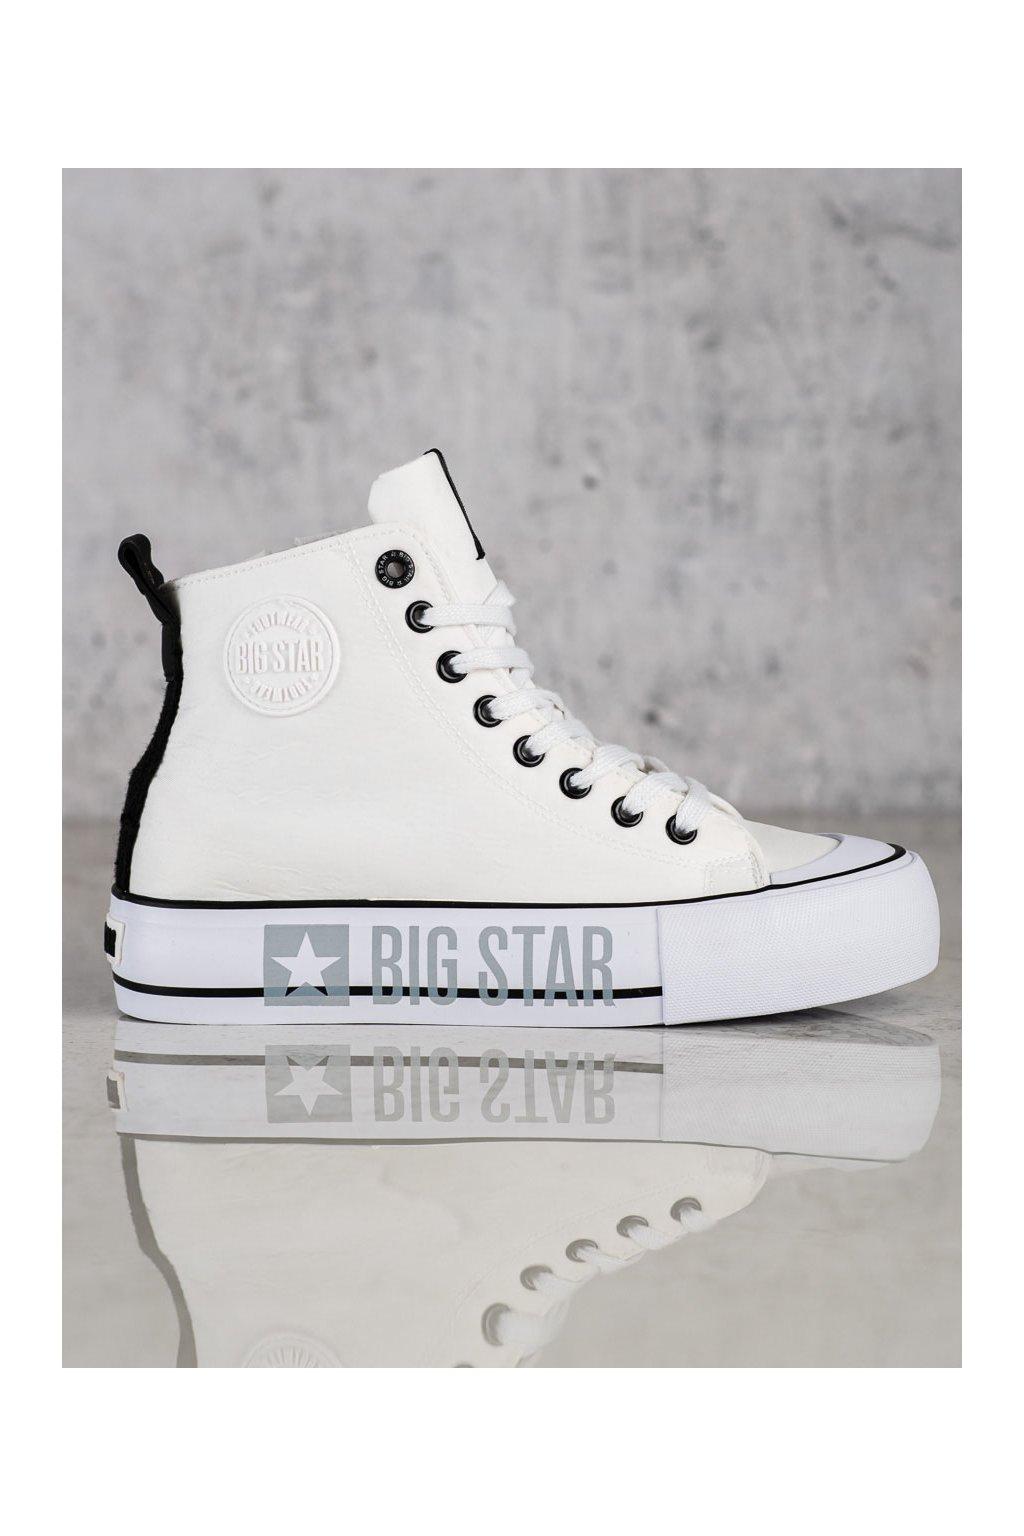 Biele dámske tenisky Big star kod II274014W